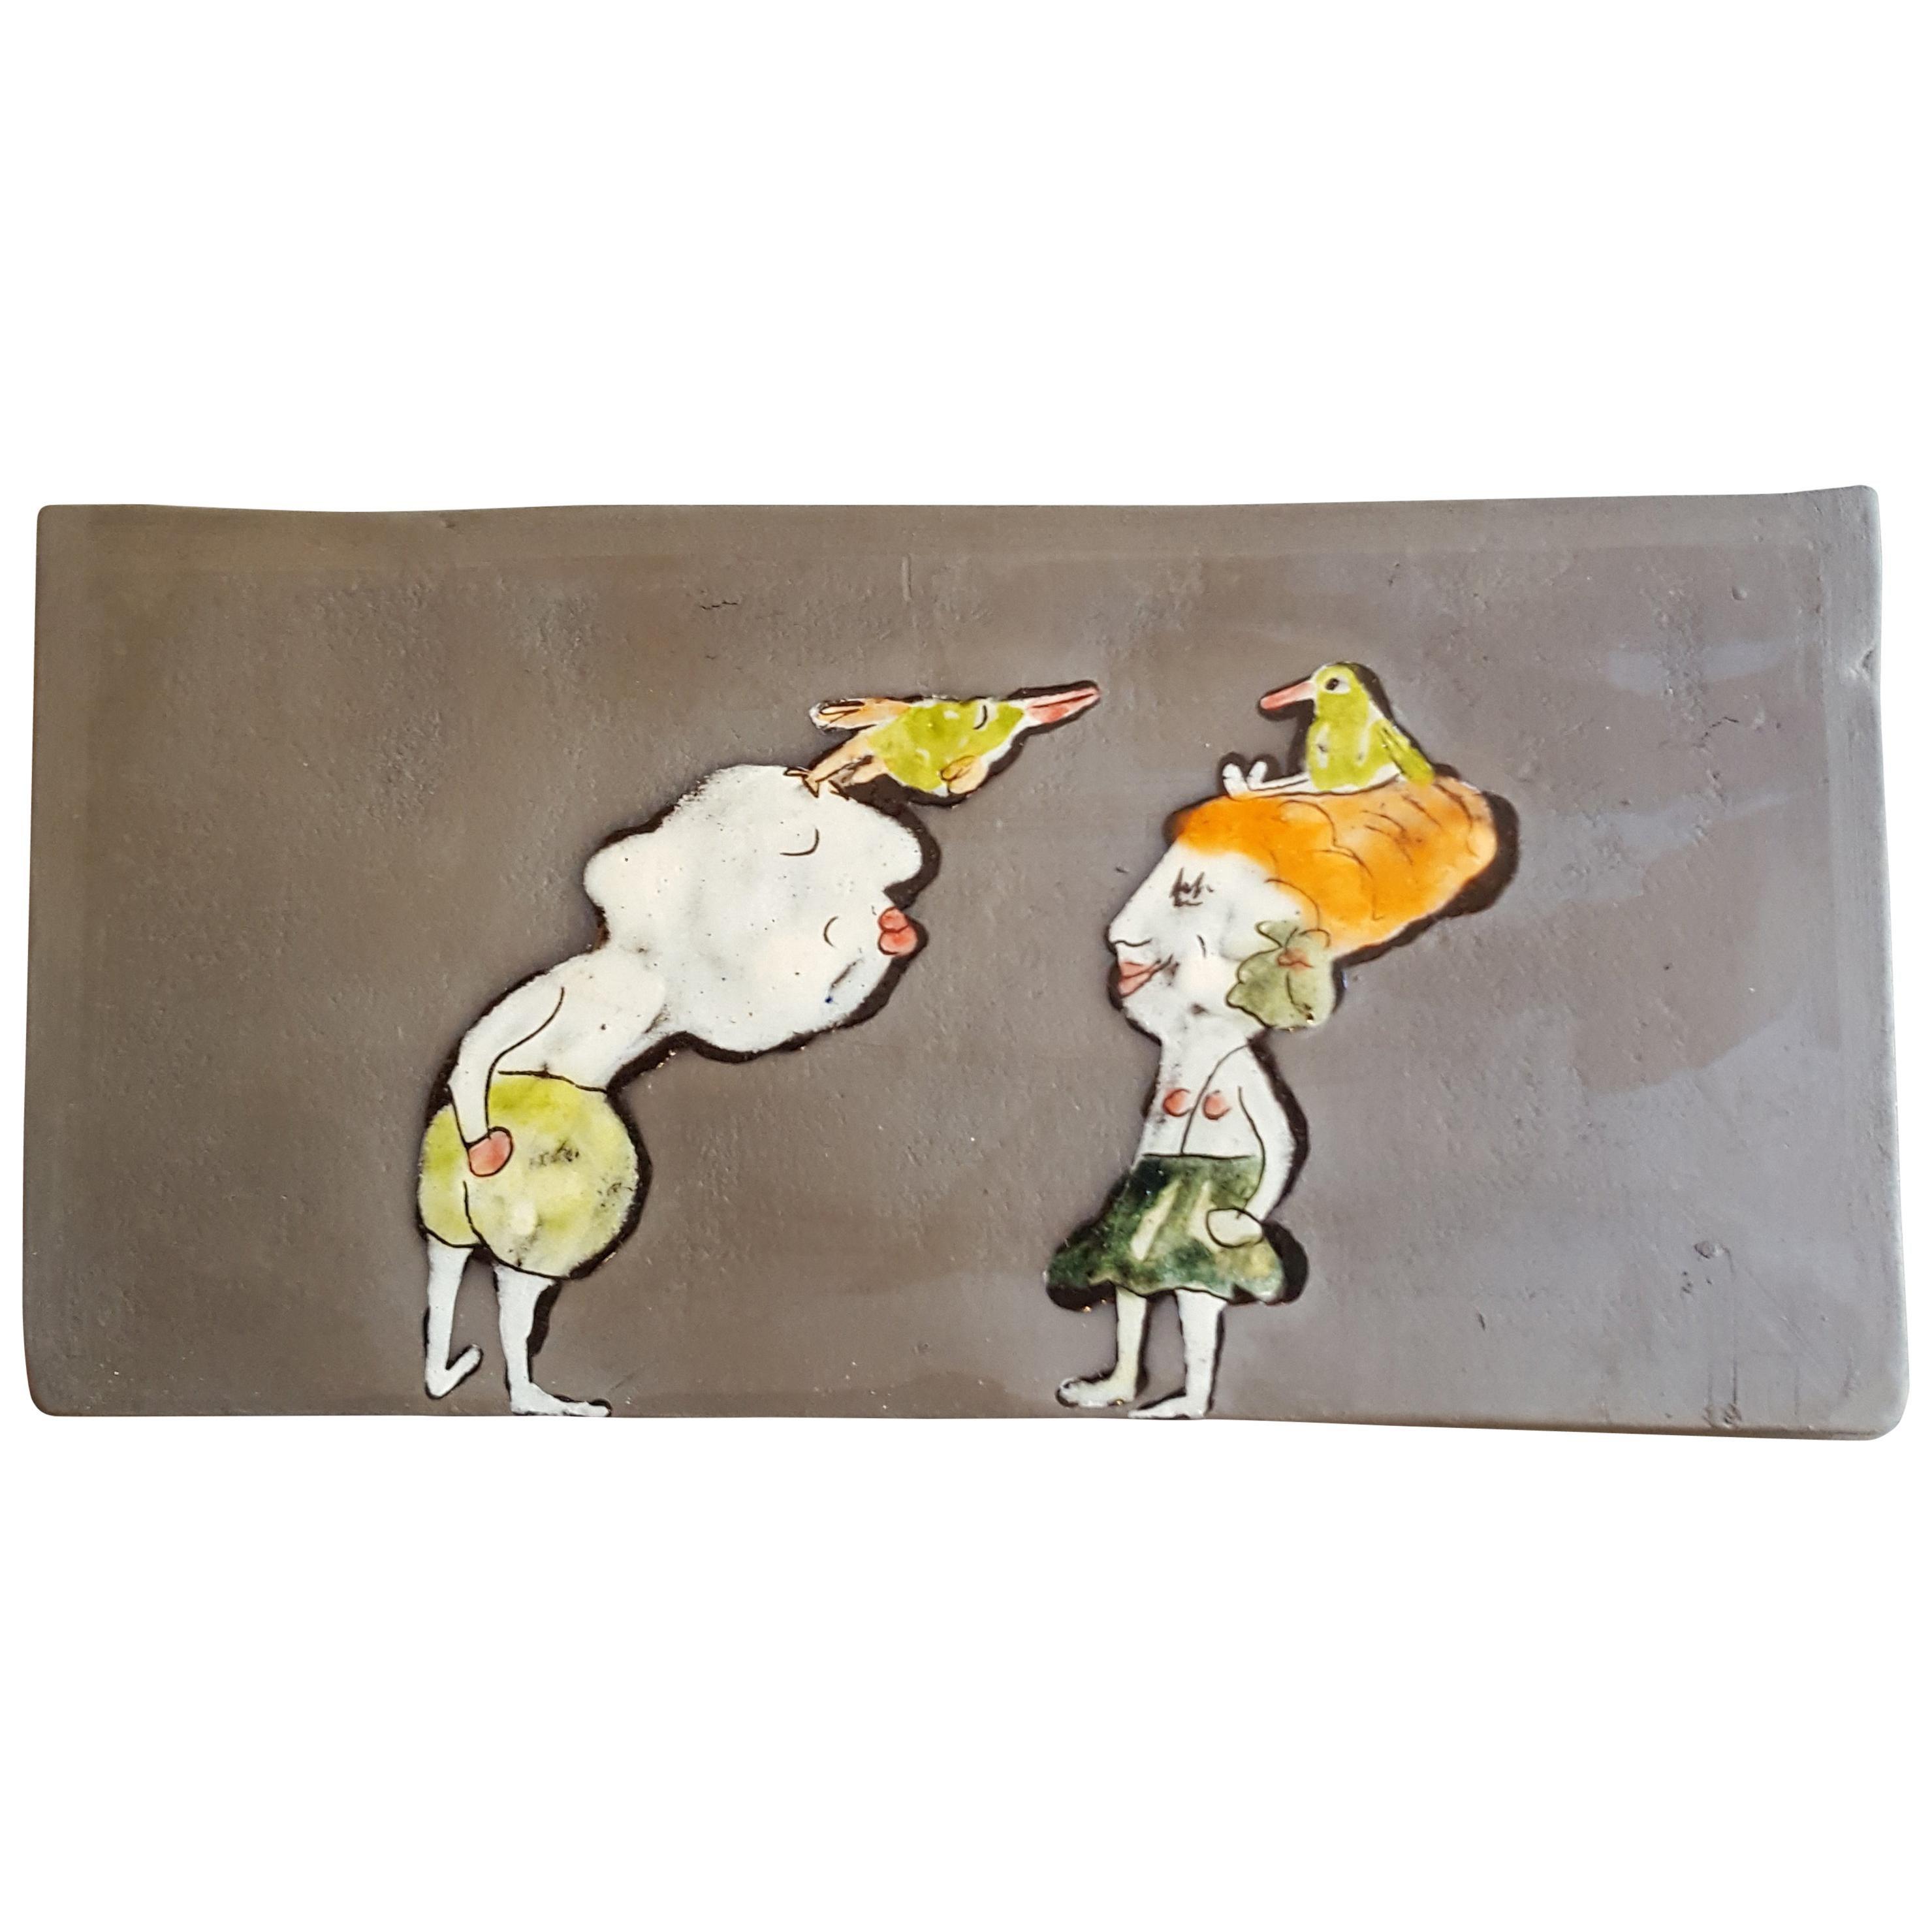 Unique French Ceramic Rectangular Artist's Decoration Panel